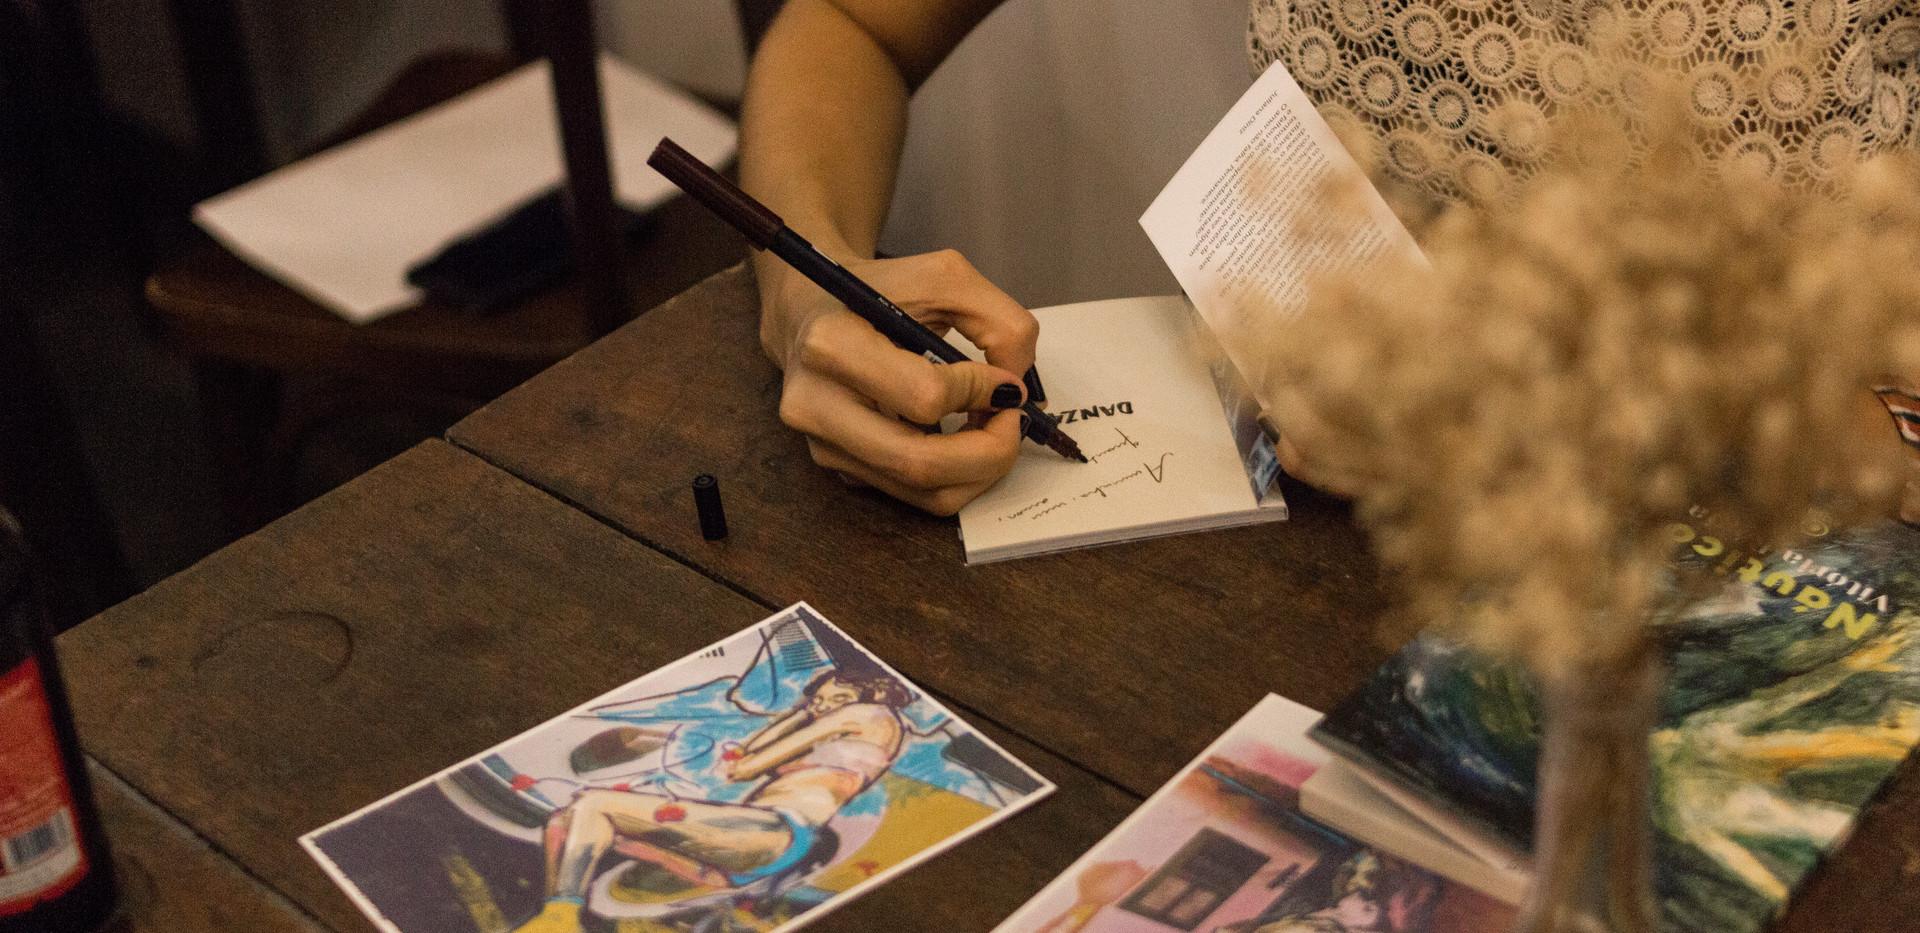 Lançamento do livro DANZA, Raisa Chistina & Nahuel Martínez Souto